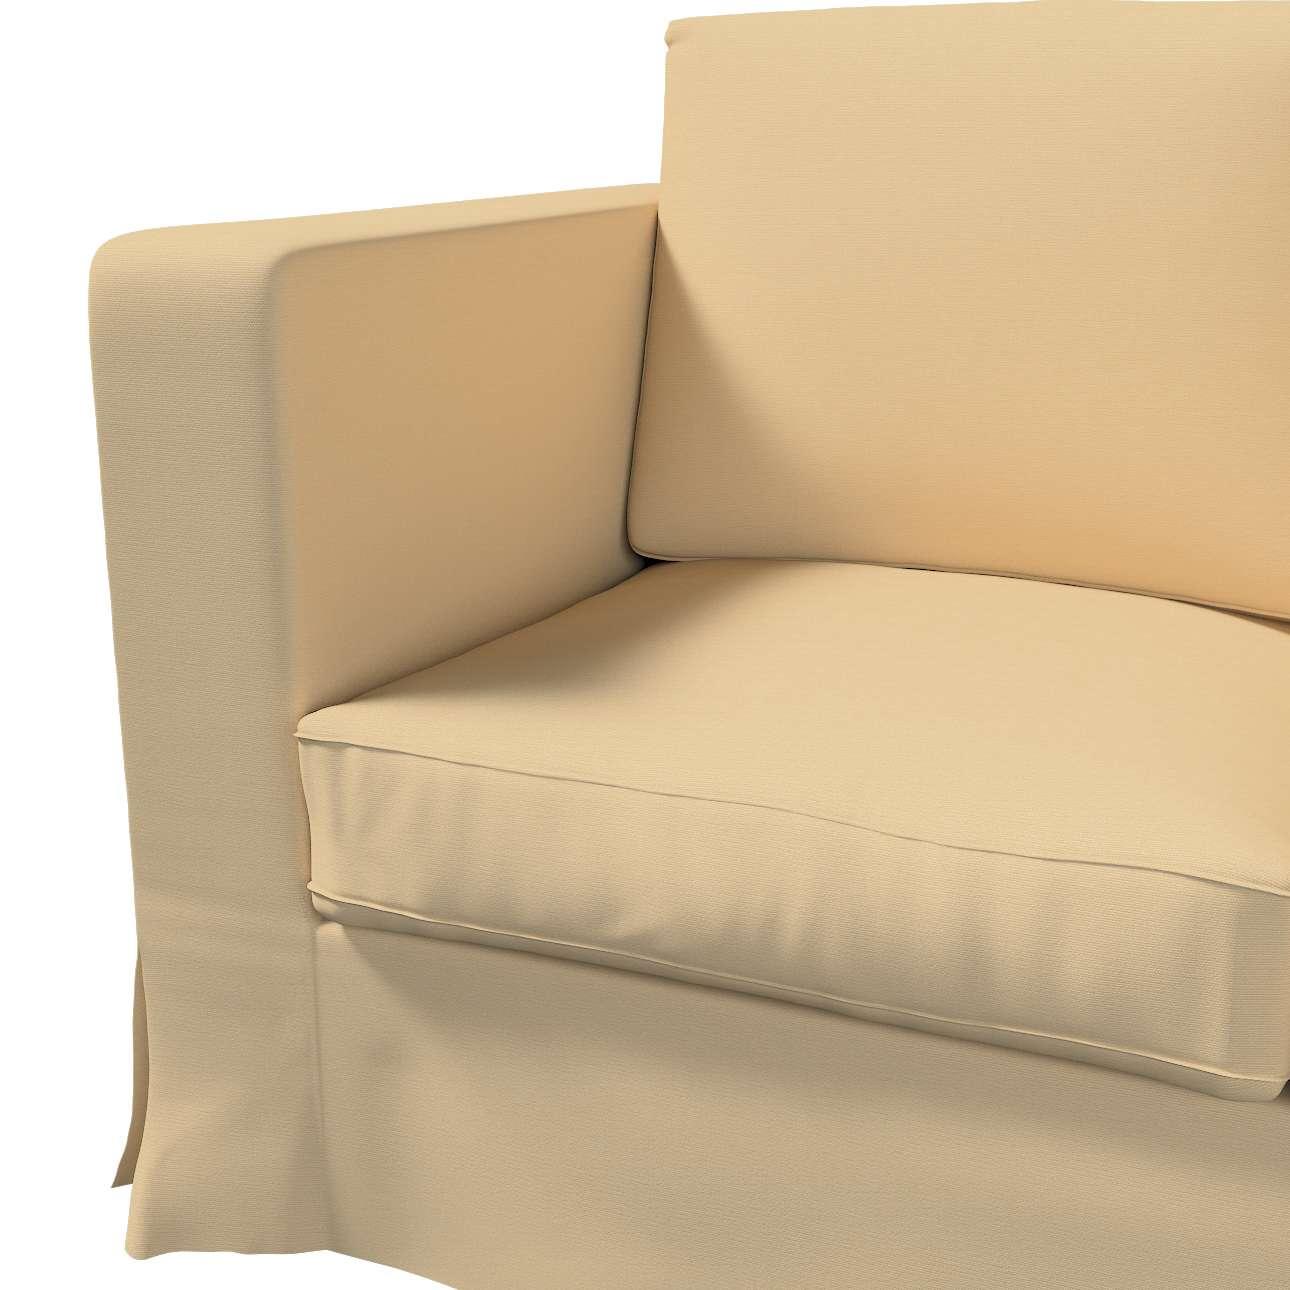 Karlanda 3-Sitzer Sofabezug nicht ausklappbar lang von der Kollektion Cotton Panama, Stoff: 702-01